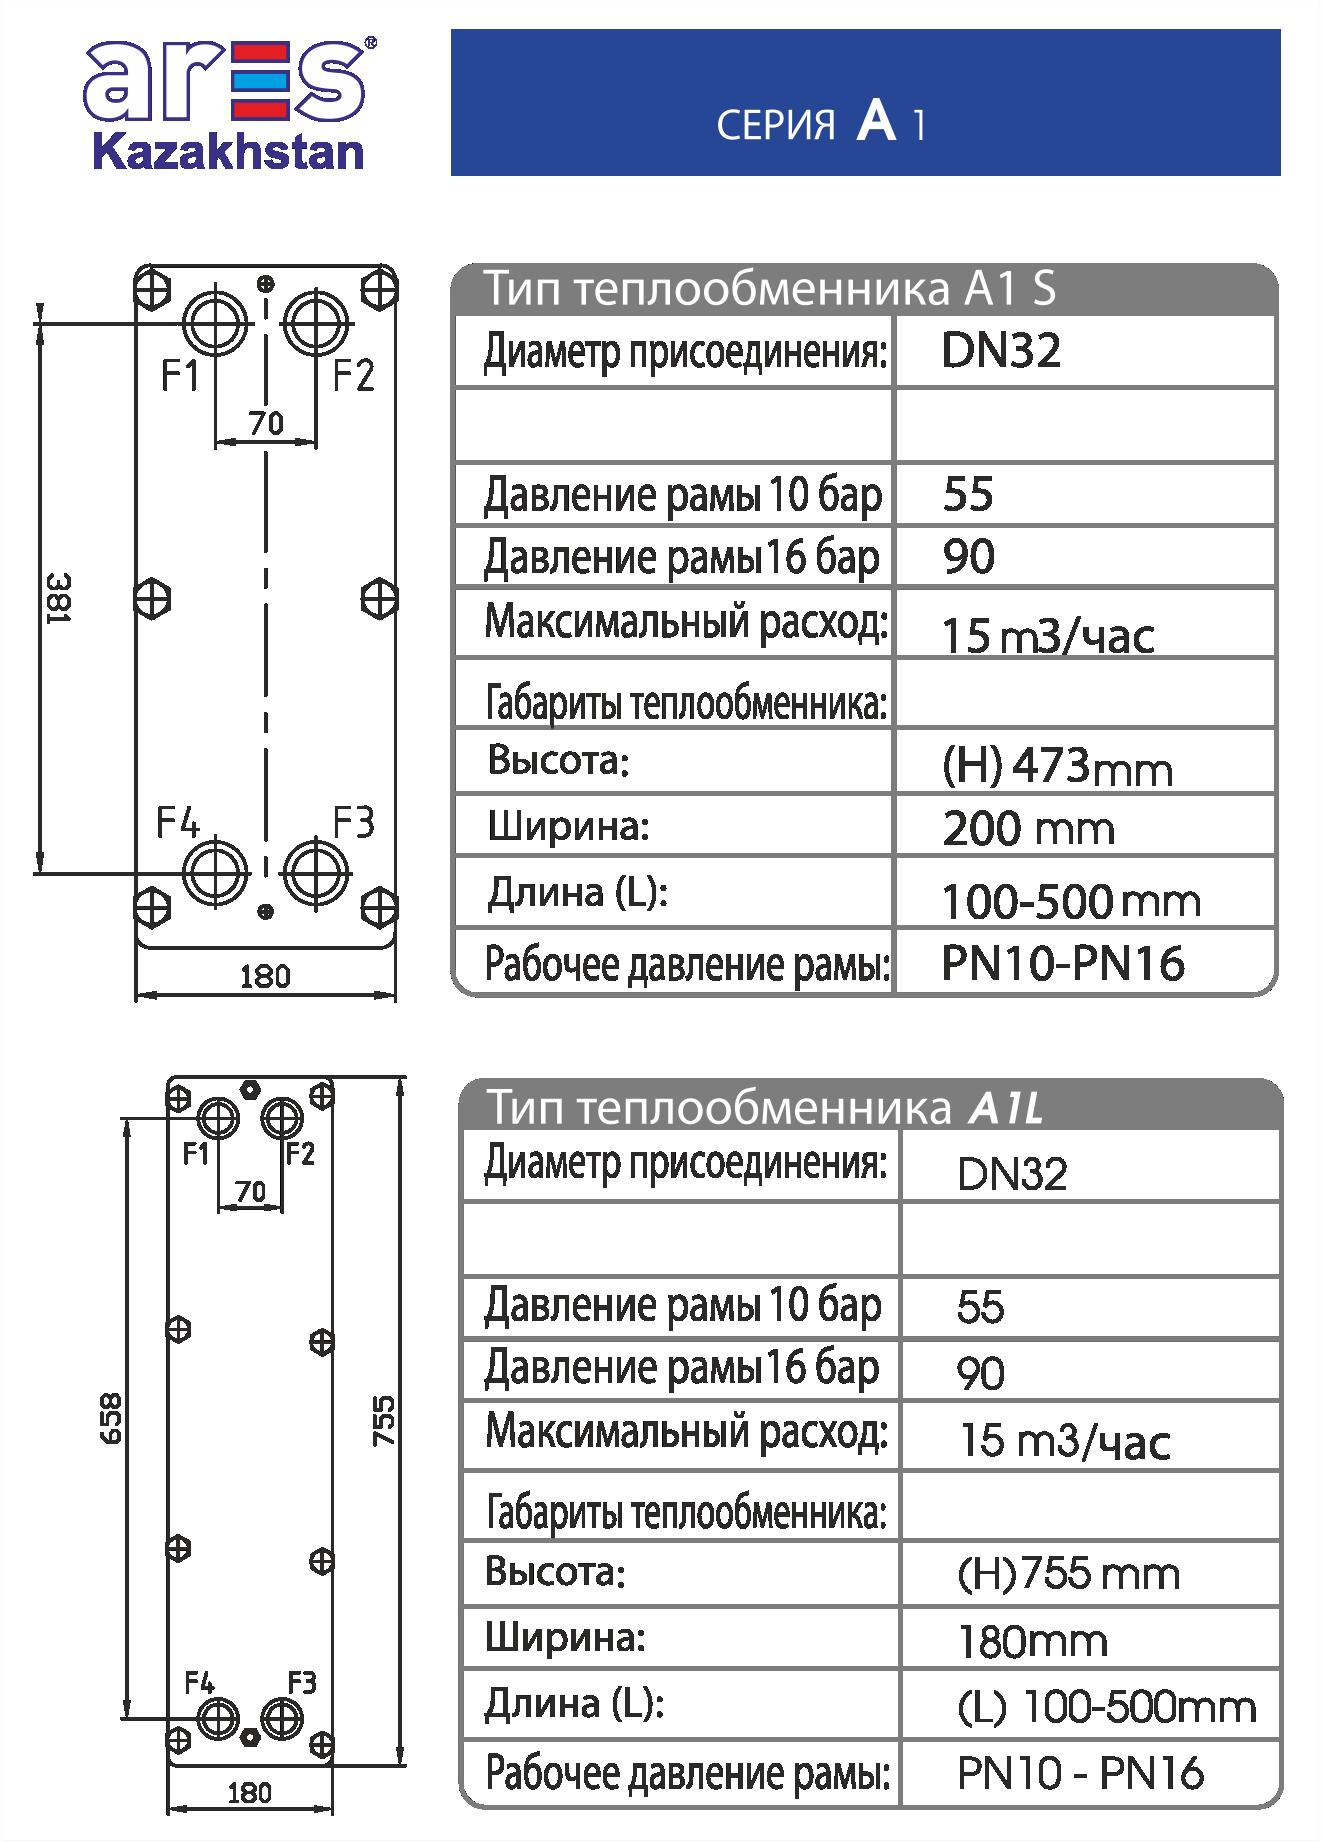 Ares серия А1